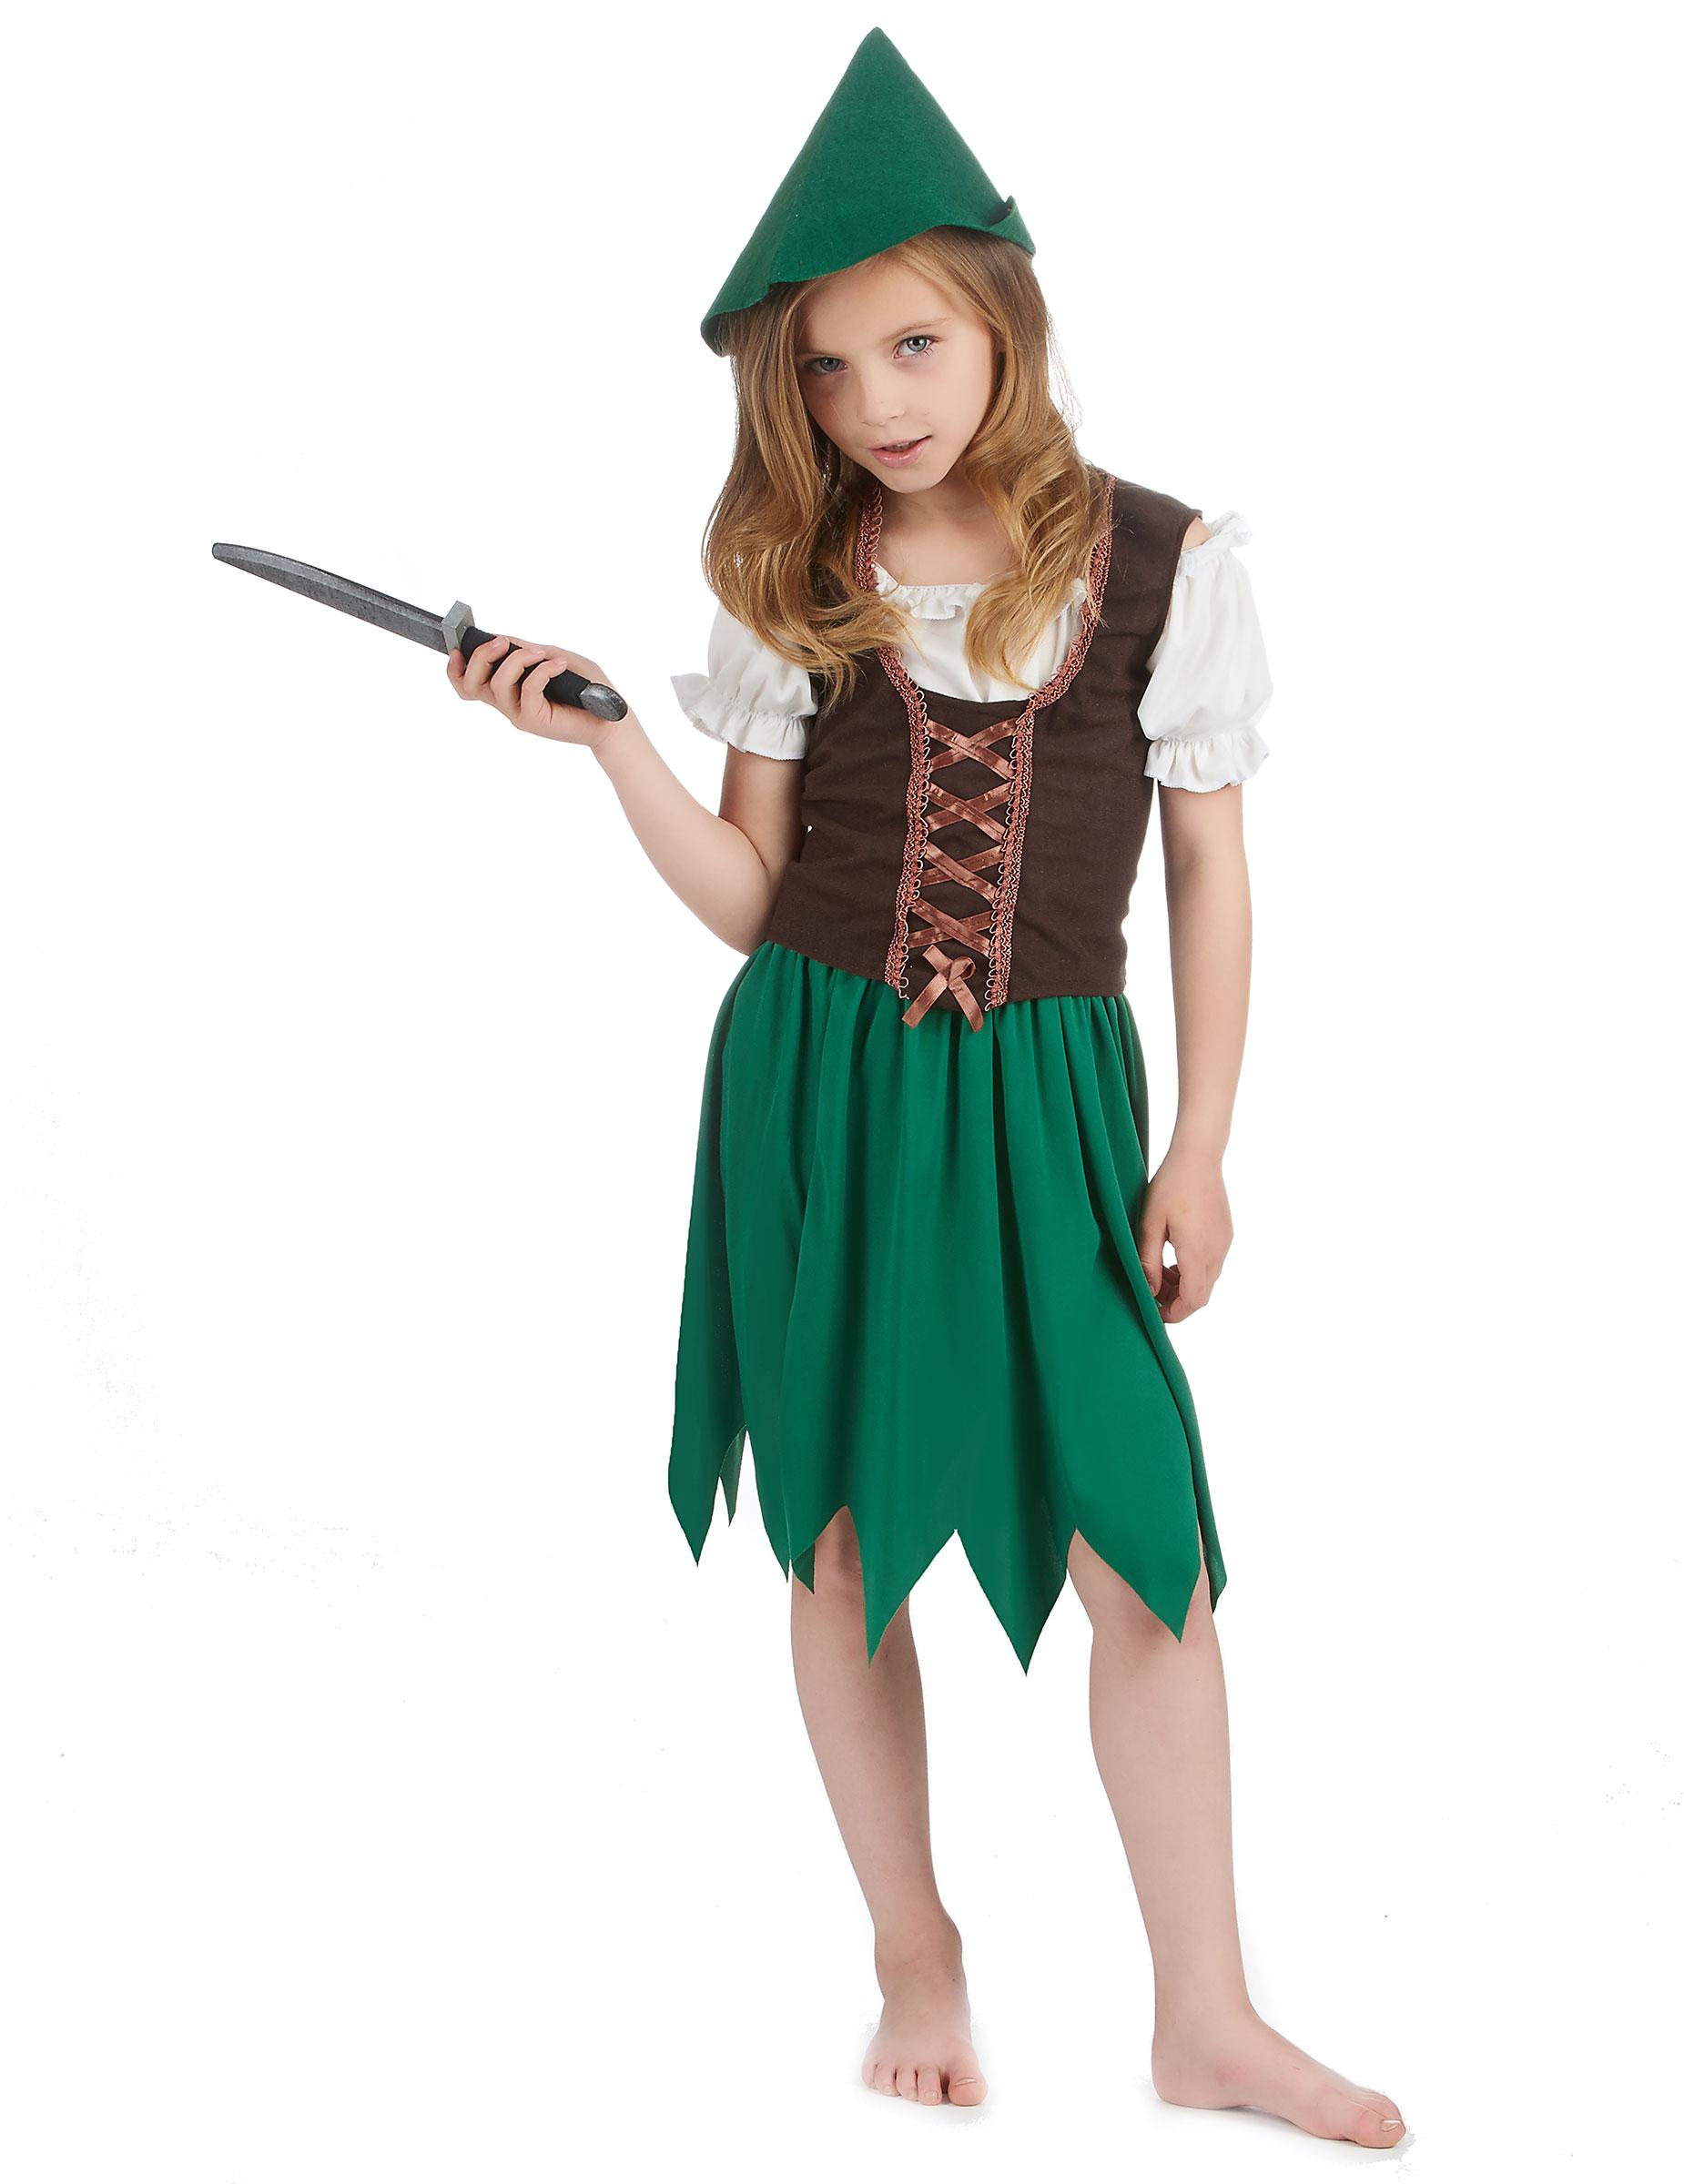 D guisement fille des bois deguise toi achat de - Deguisement robin des bois fille ...